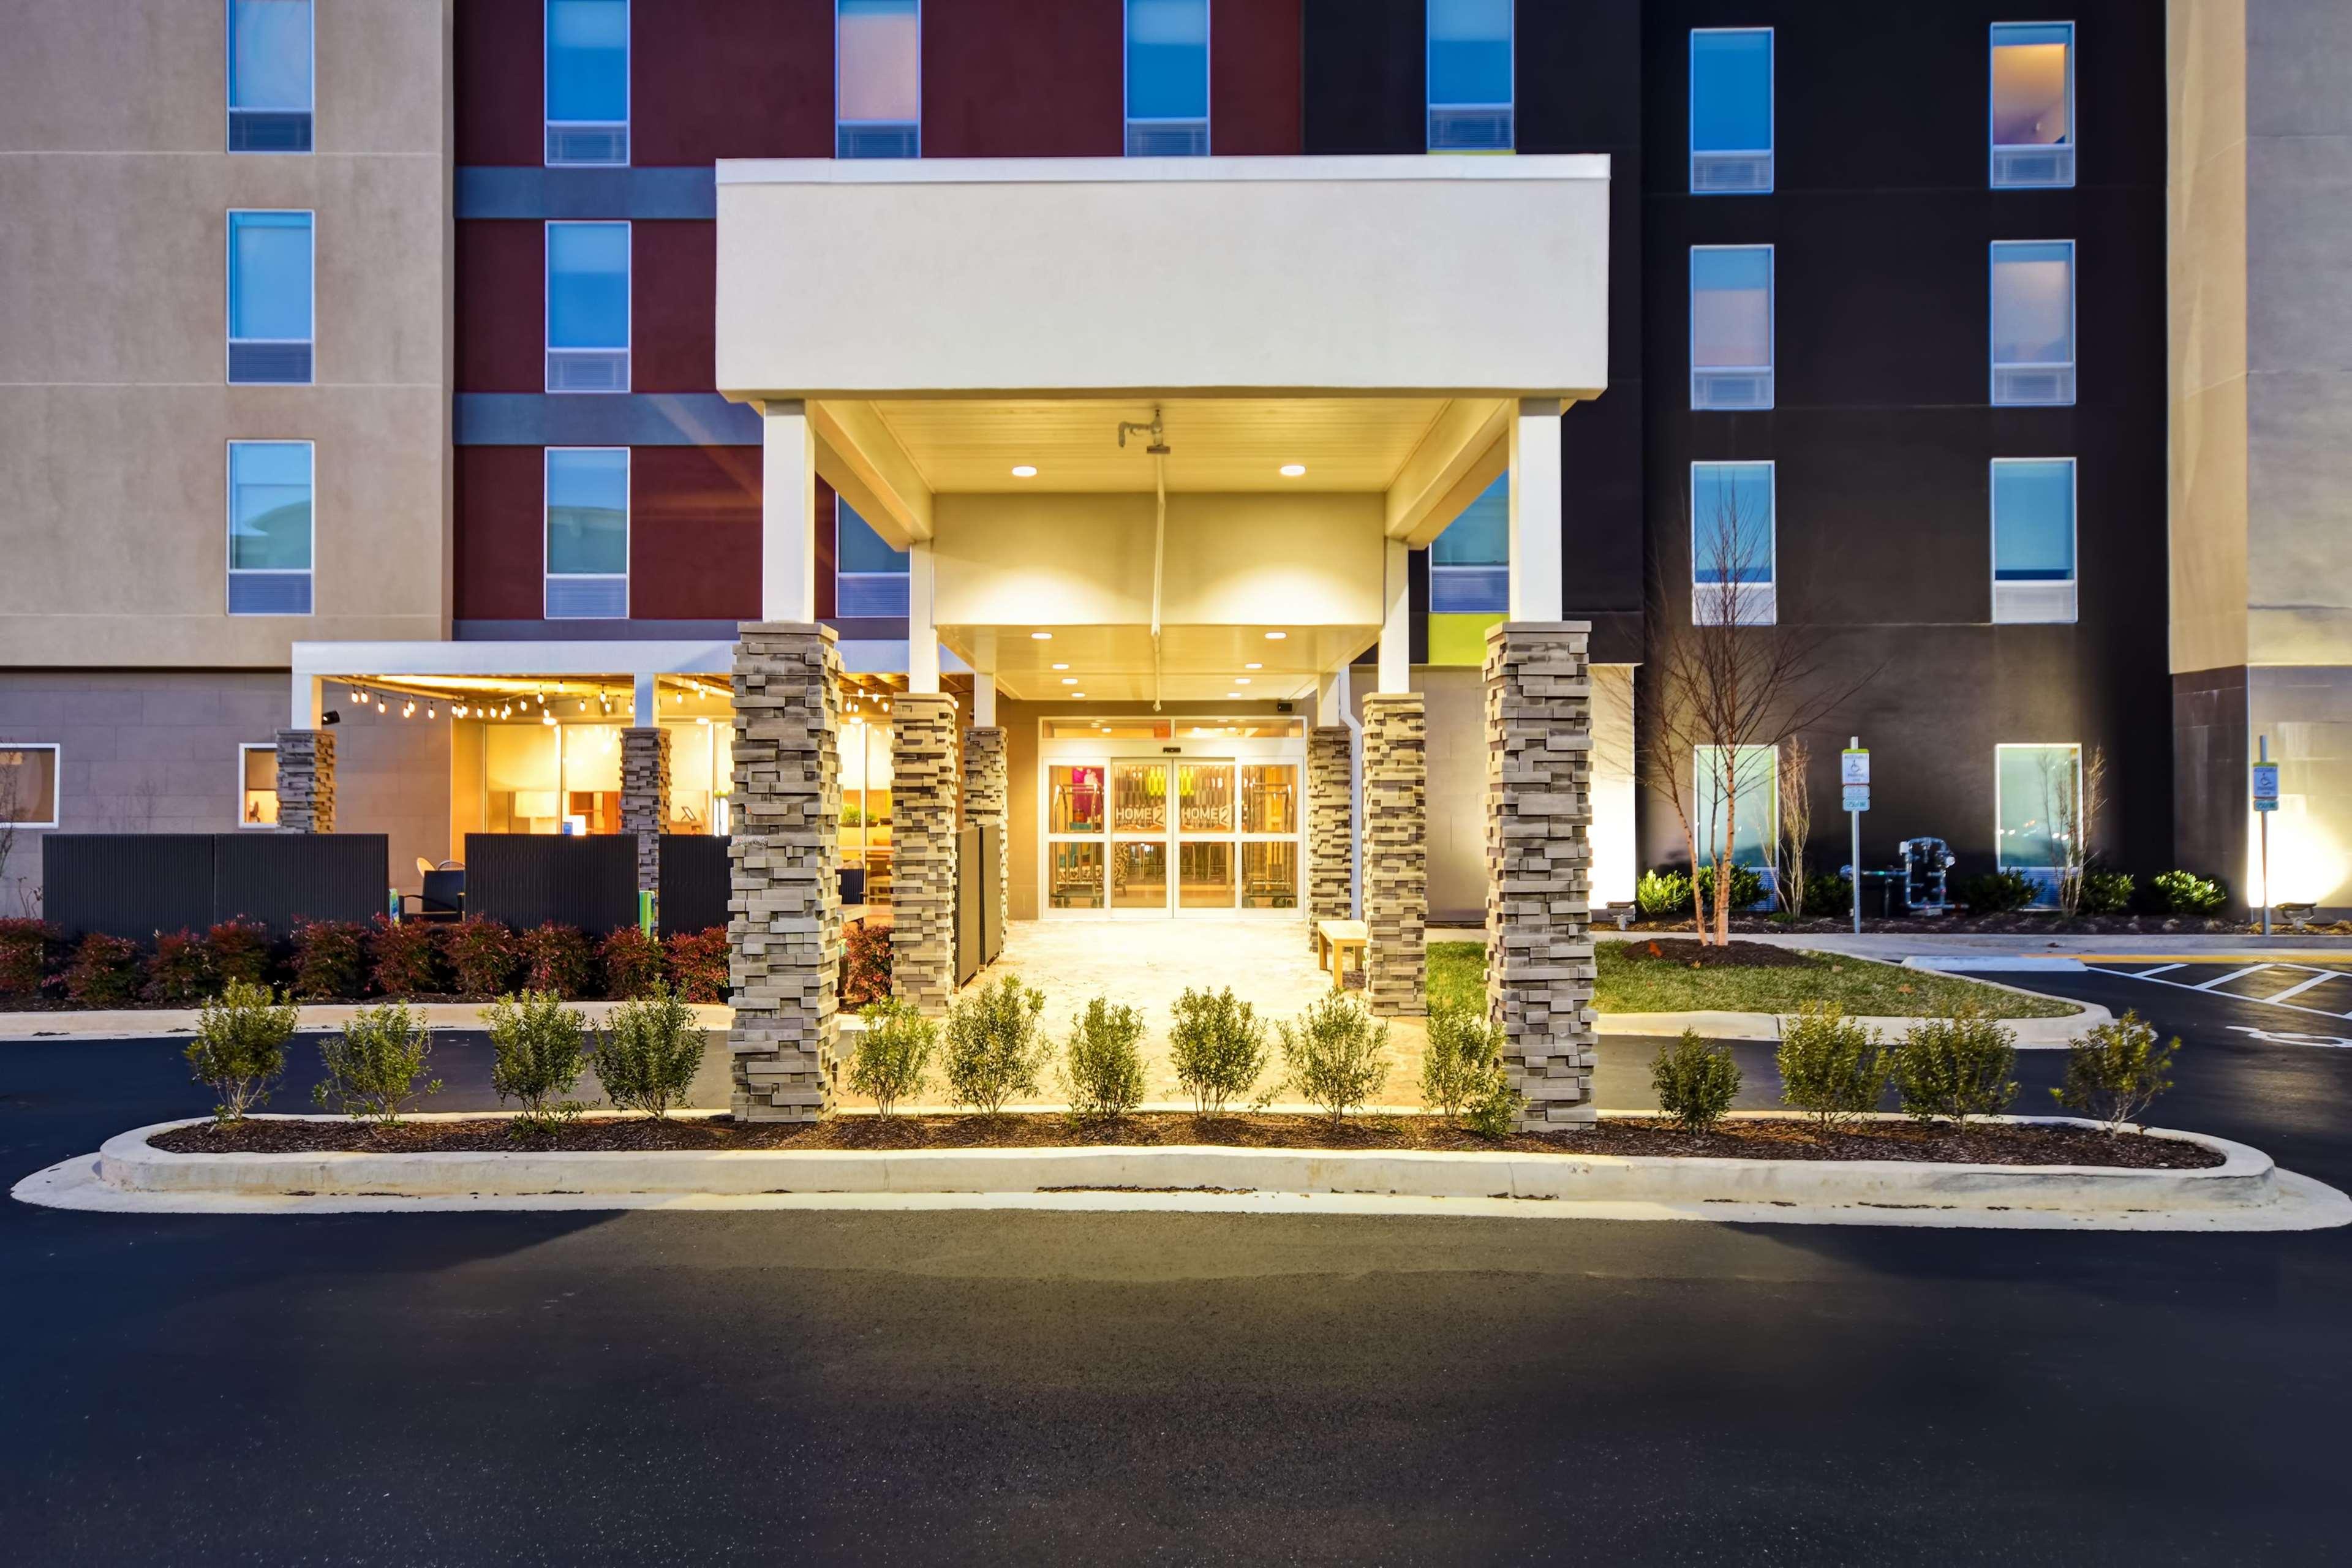 Home2 Suites by Hilton Smyrna Nashville image 7